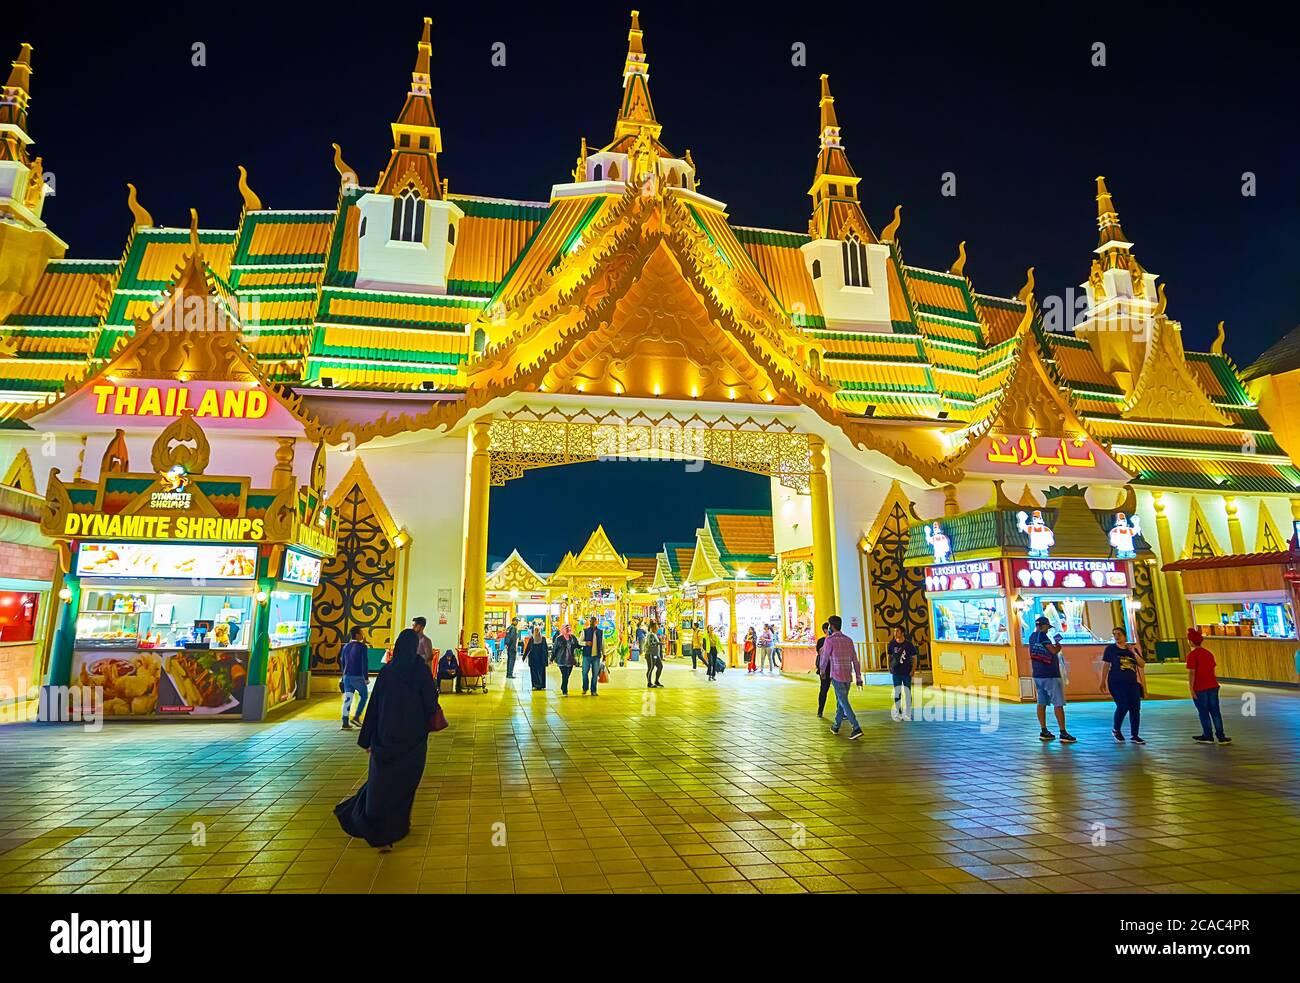 DUBAI, VAE - 5. MÄRZ 2020: Die Fassade von Thailand Pavillons des Global Village Dubai mit traditionellen Pyathat (mehrmüden) Dach, gekrönt mit Chedi Schlepptau Stockfoto